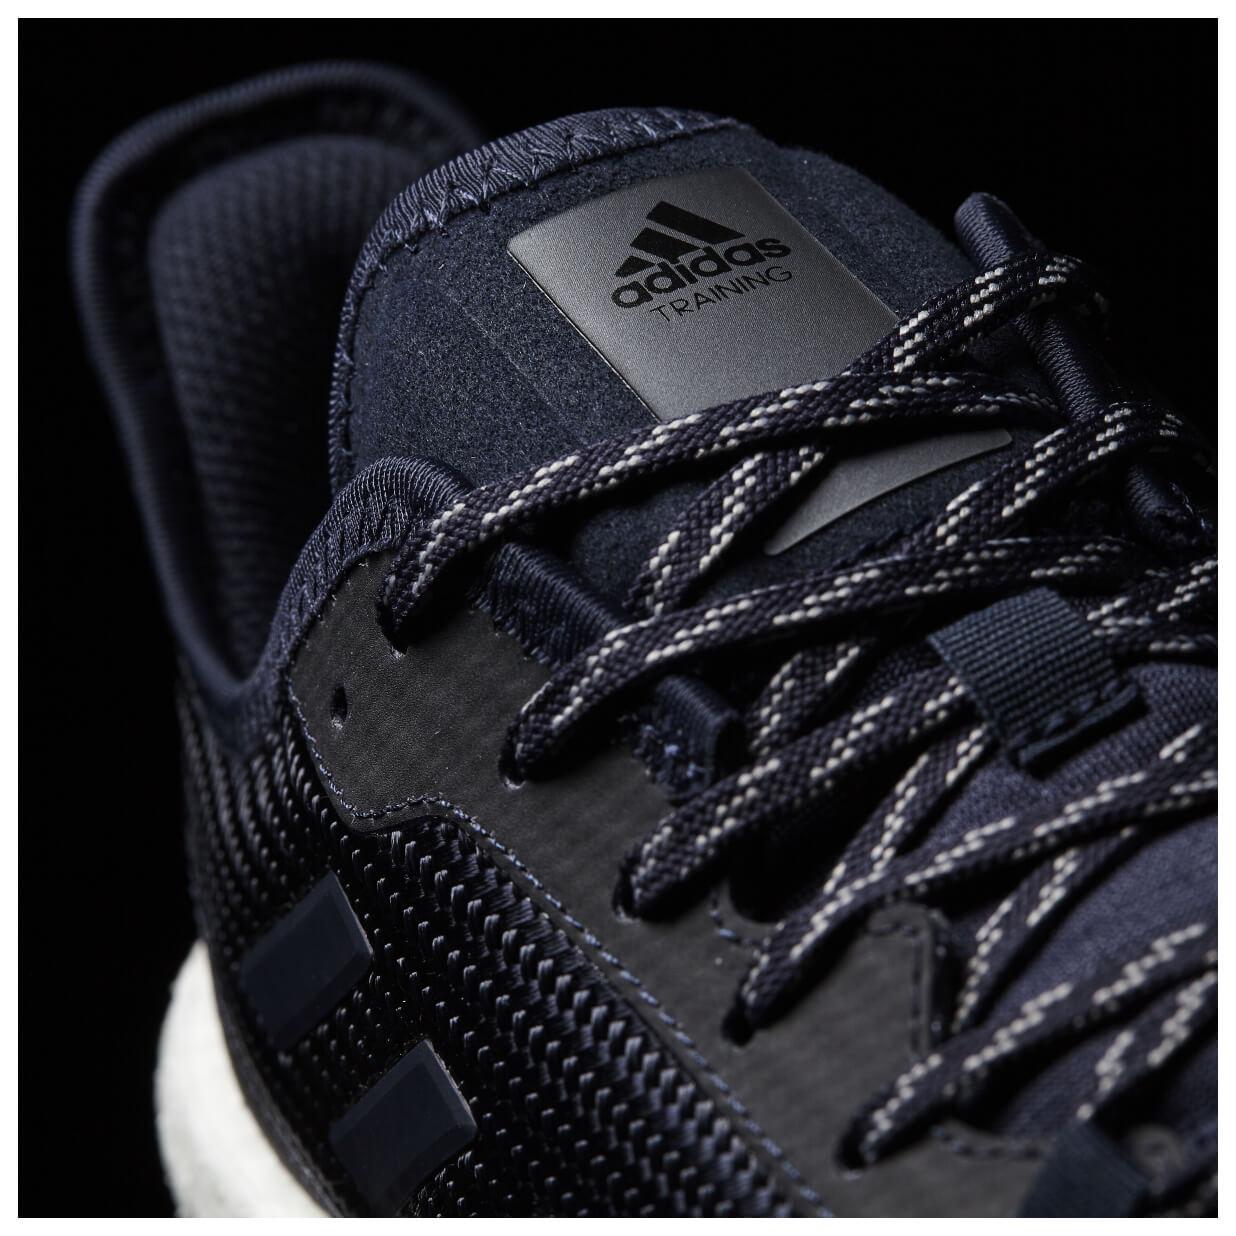 newest 7eb4e 83b80 ... adidas - Crazytrain Elite - Chaussures de Fitness ...